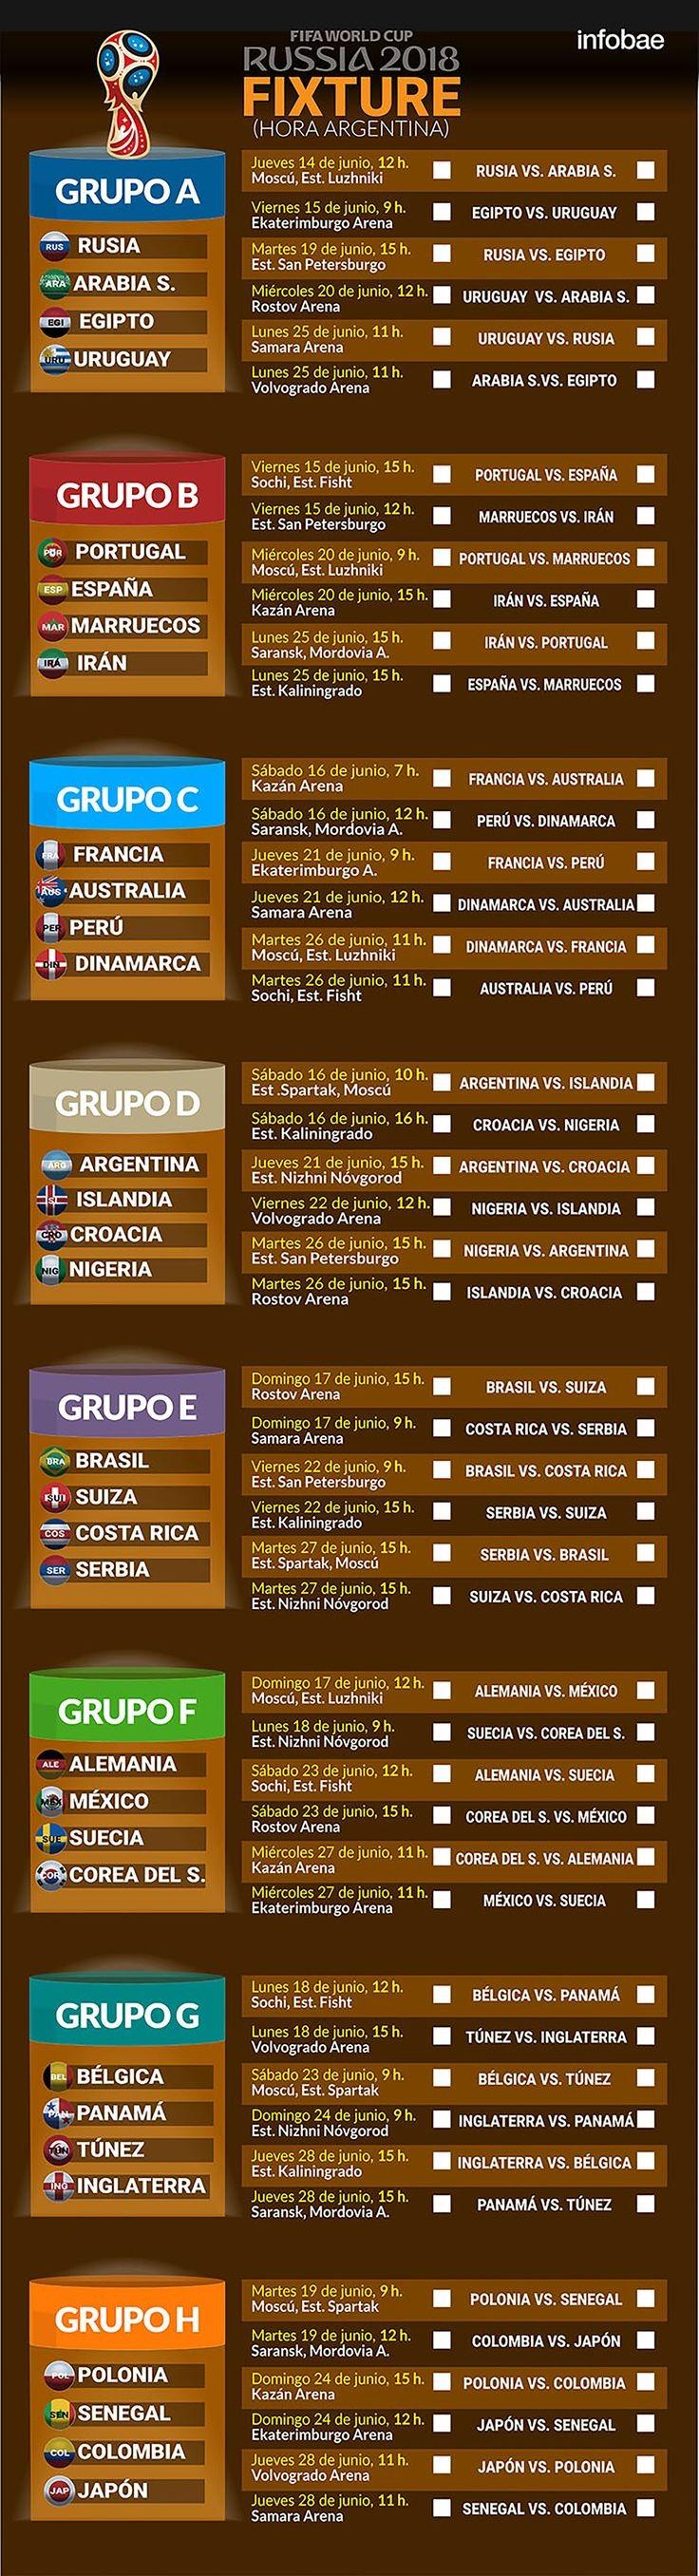 Grupos estadios y horarios el fixture del Mundial Rusia 2018